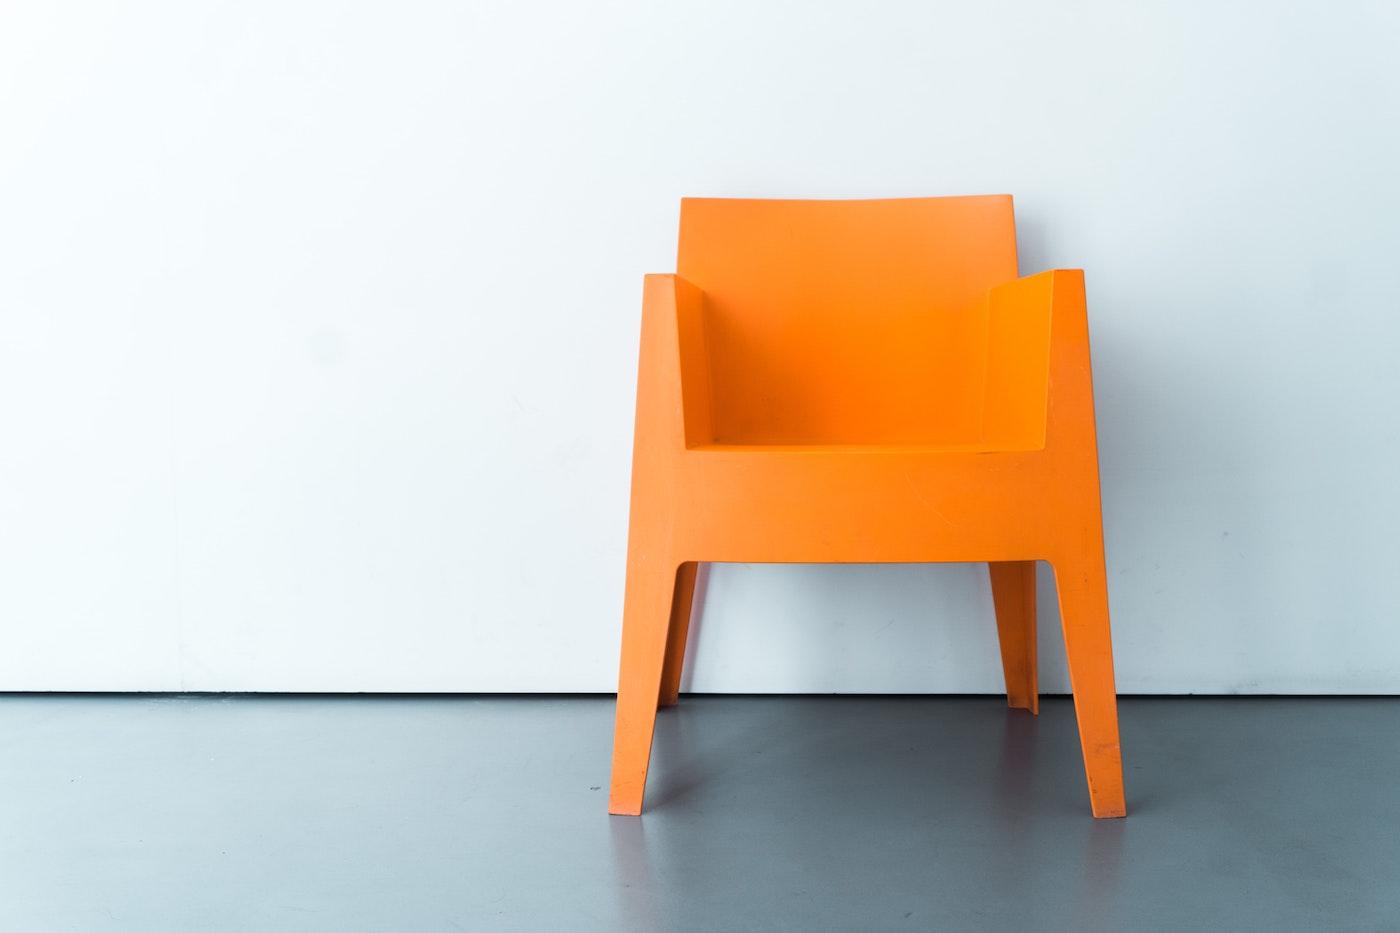 Bright orange chair